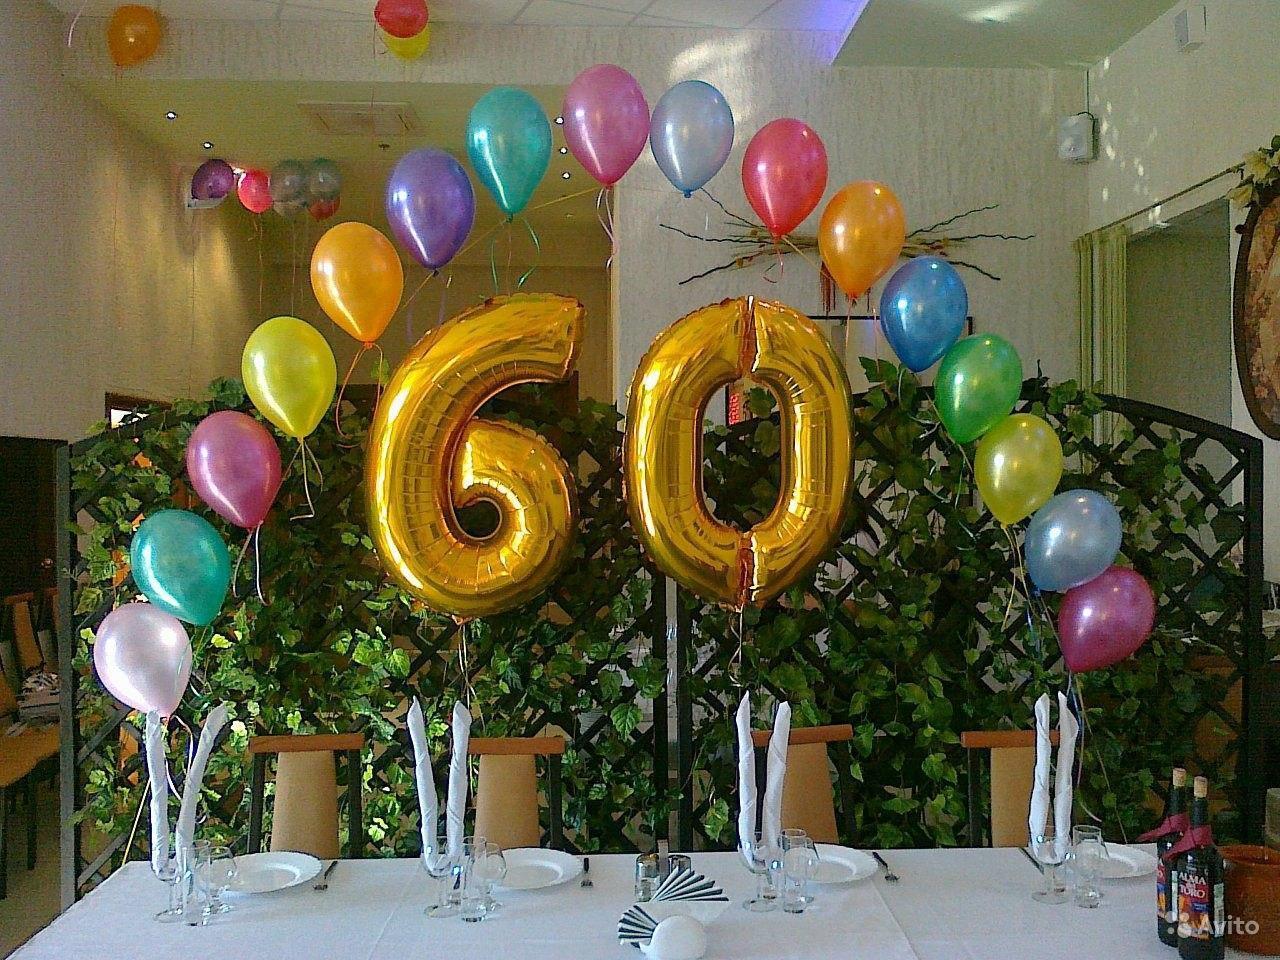 Шарики на Юбилей Цепочка из гелиевых шаров и две цифры 59b96d6322a44907be545892.jpg